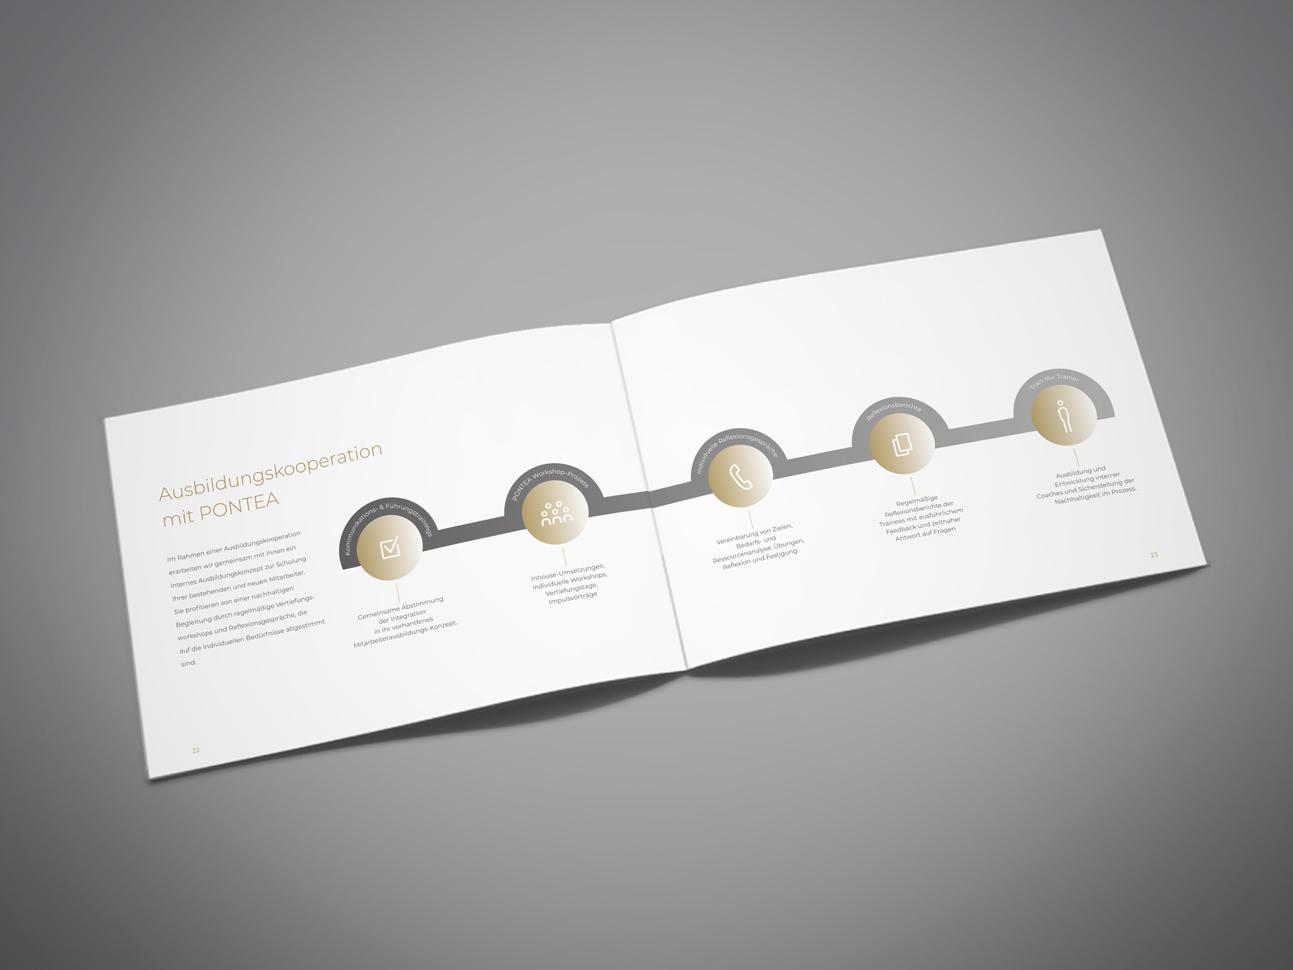 martin zech design, corporate design, pontea, firmenbroschuere, doppelseite 7